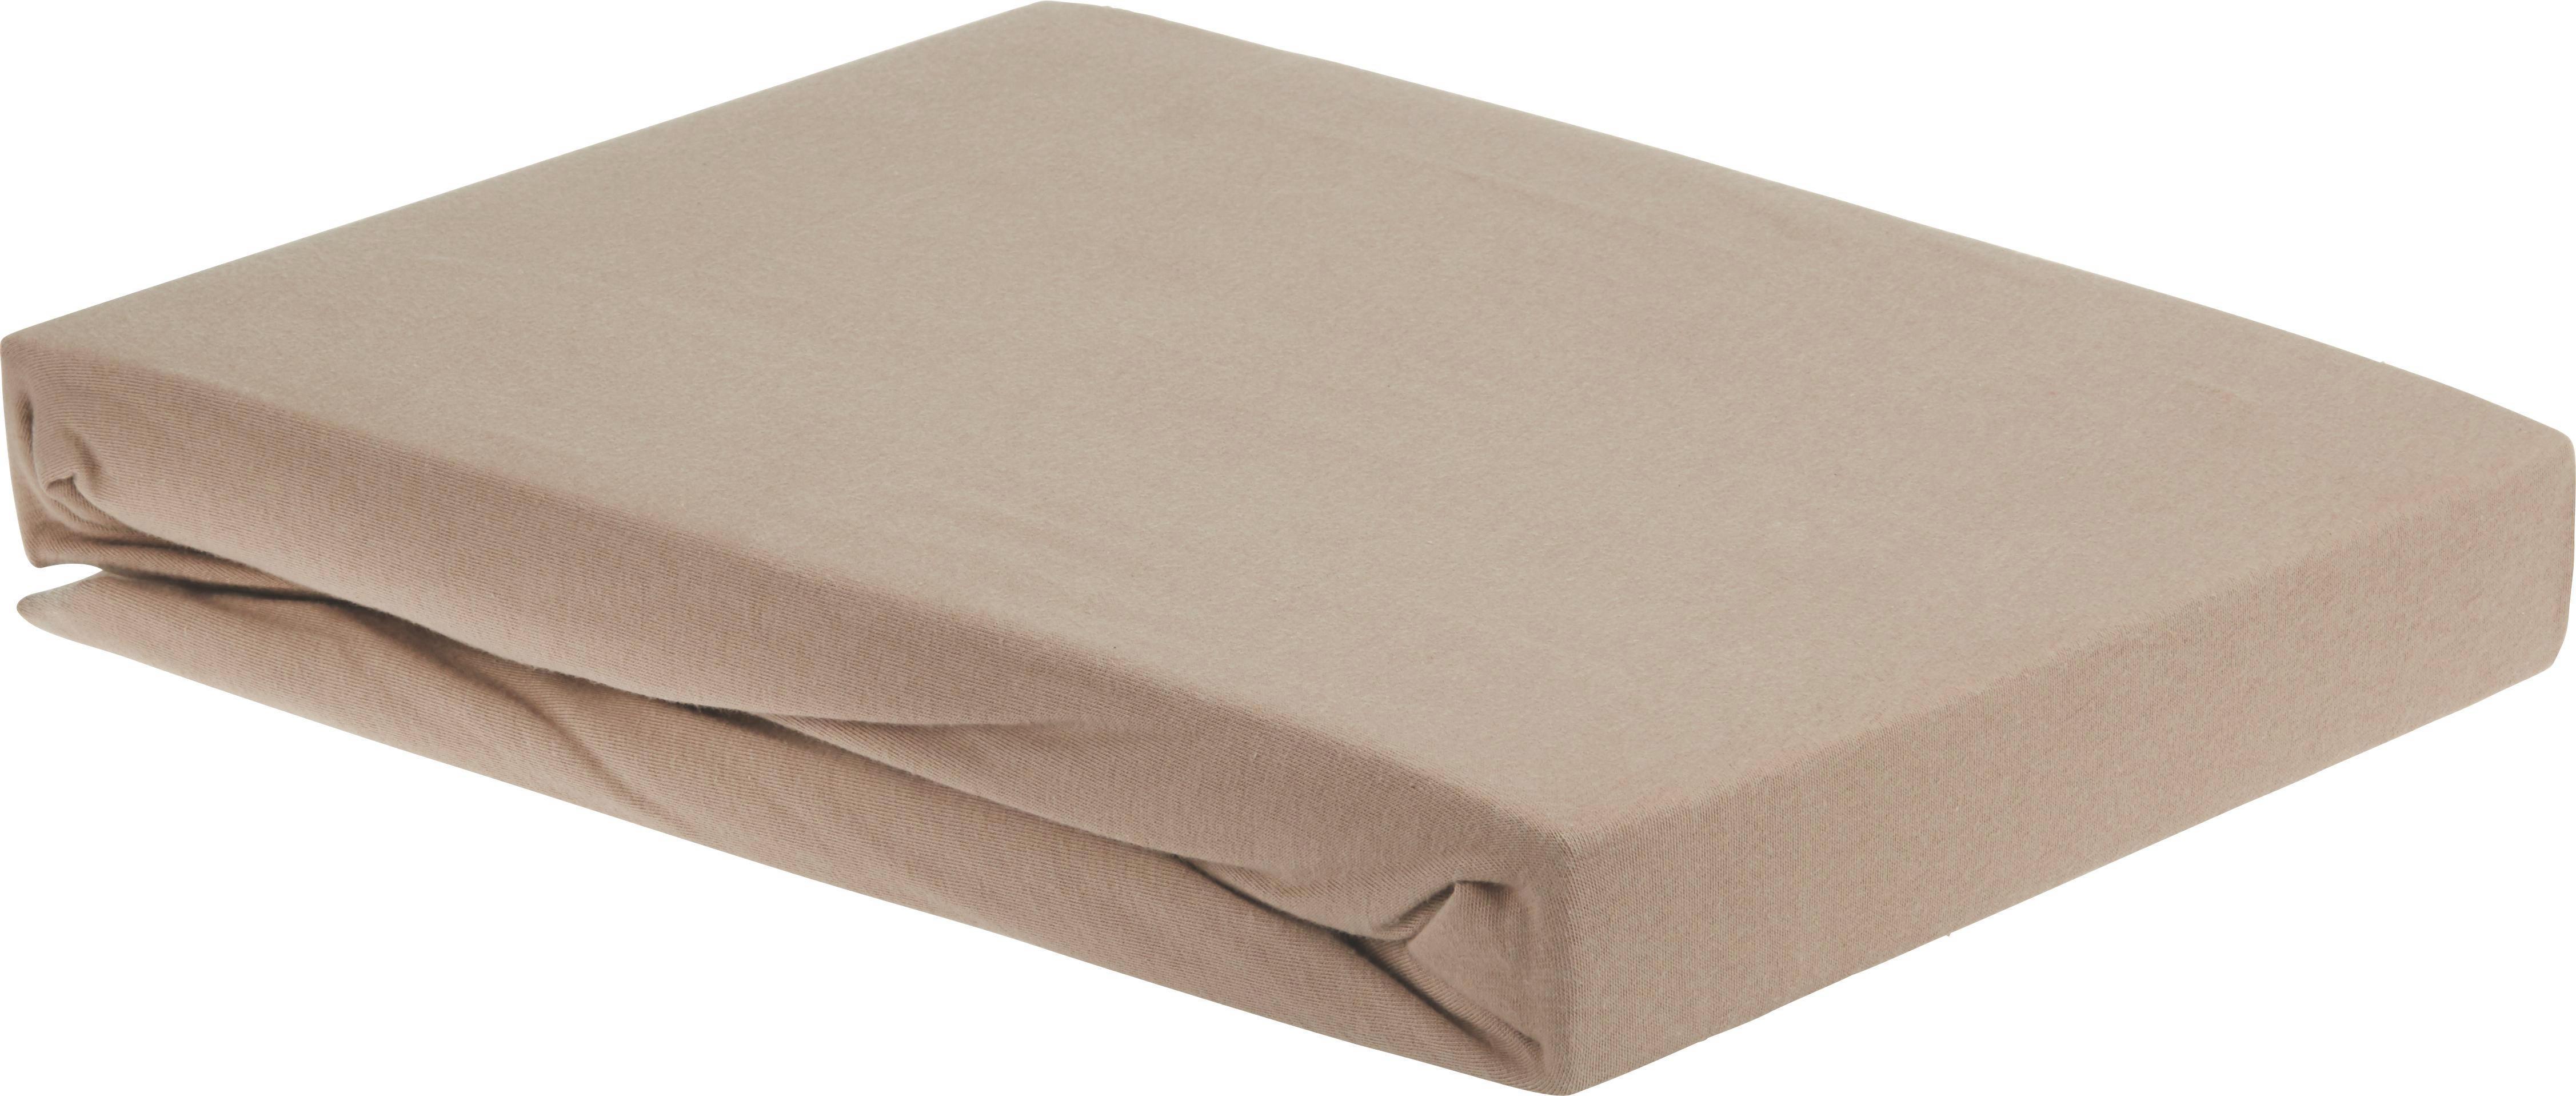 Spannbetttuch Elasthan ca. 160x200cm - Taupe, Textil (160/200/15cm) - PREMIUM LIVING